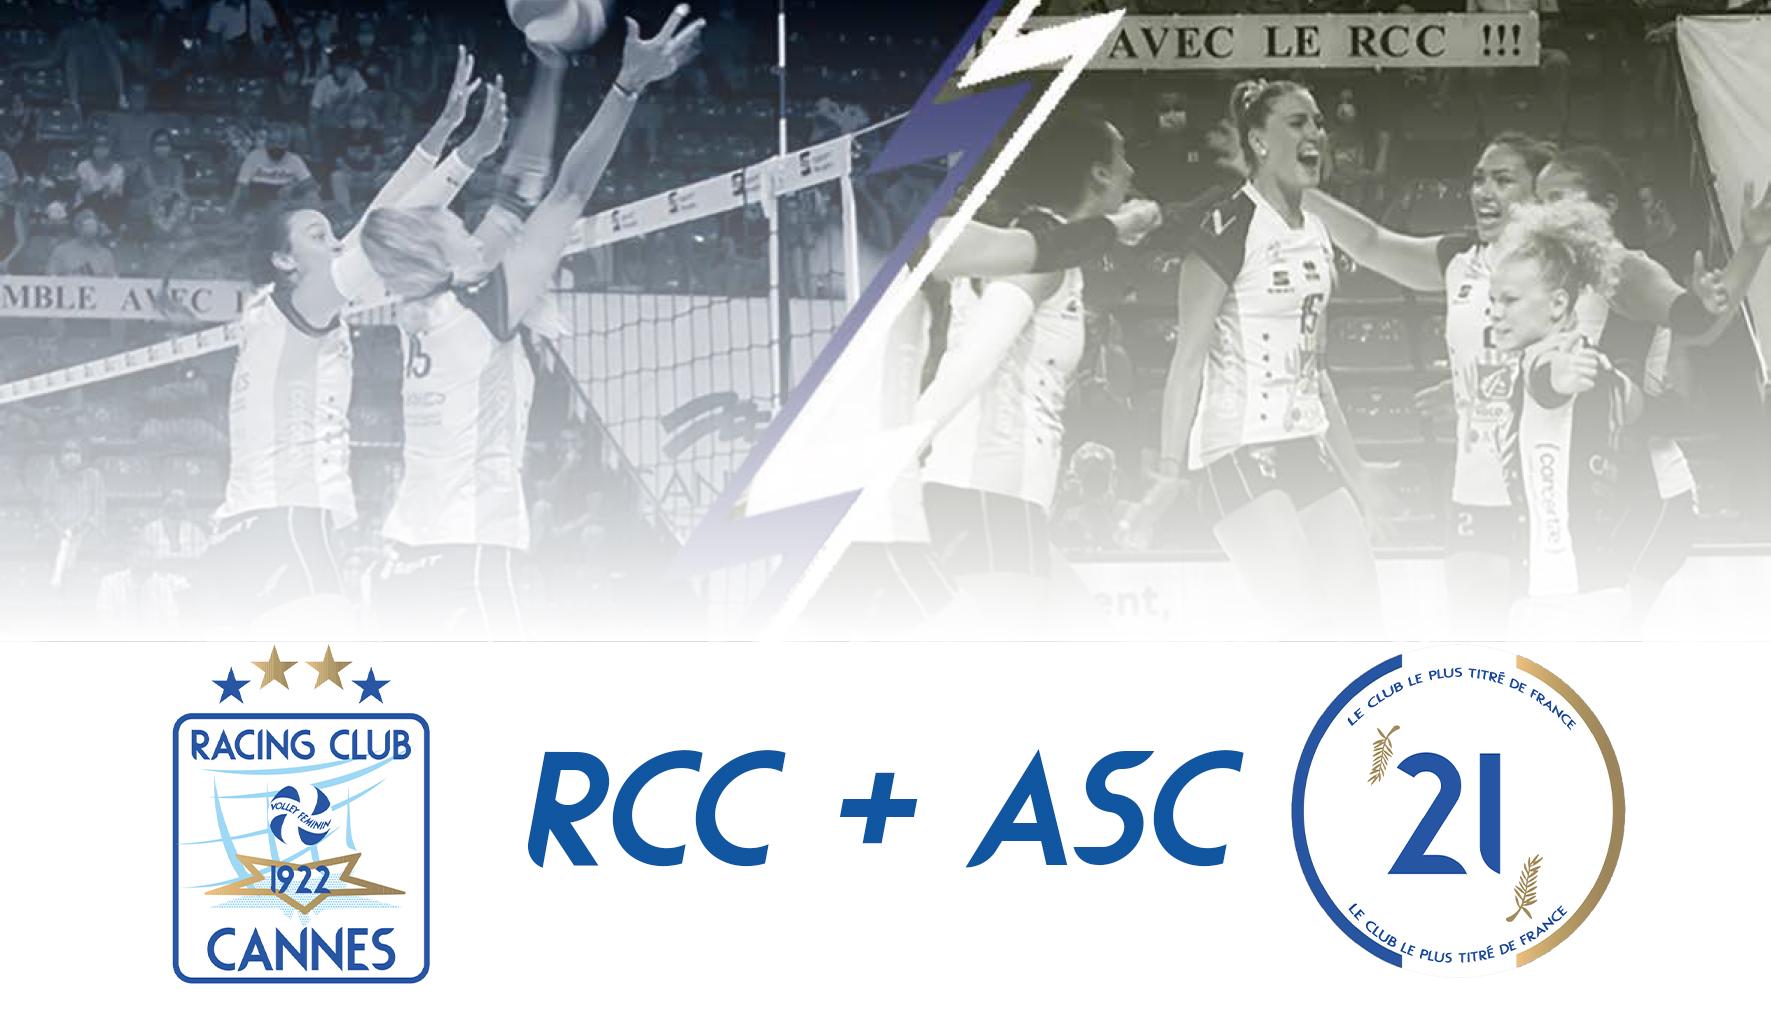 RCC + ASC.jpg